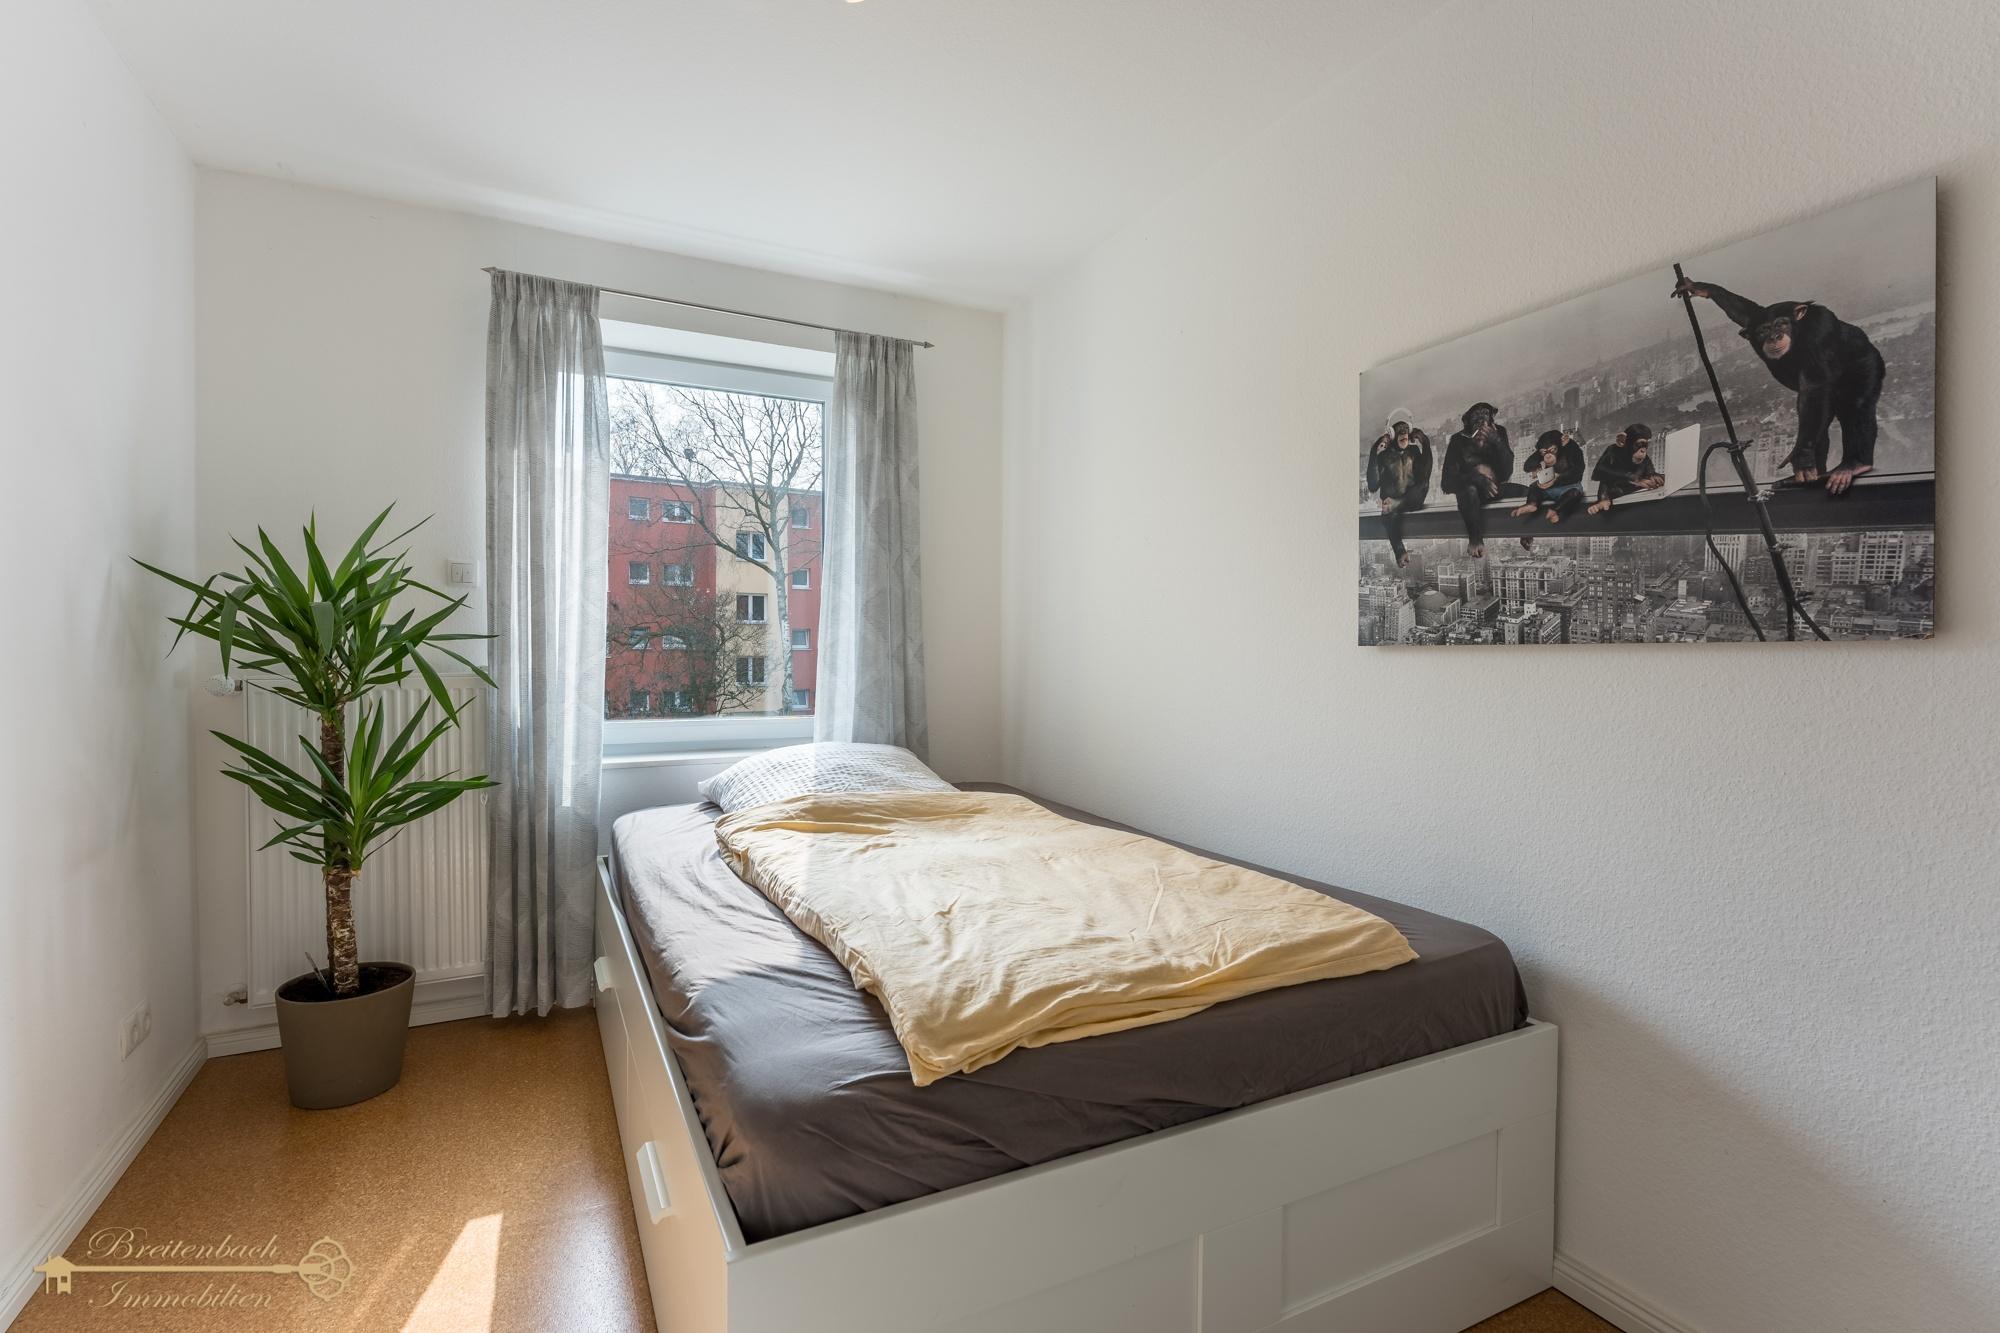 2021-03-25-Breitenbach-Immobilien-Makler-Bremen-11